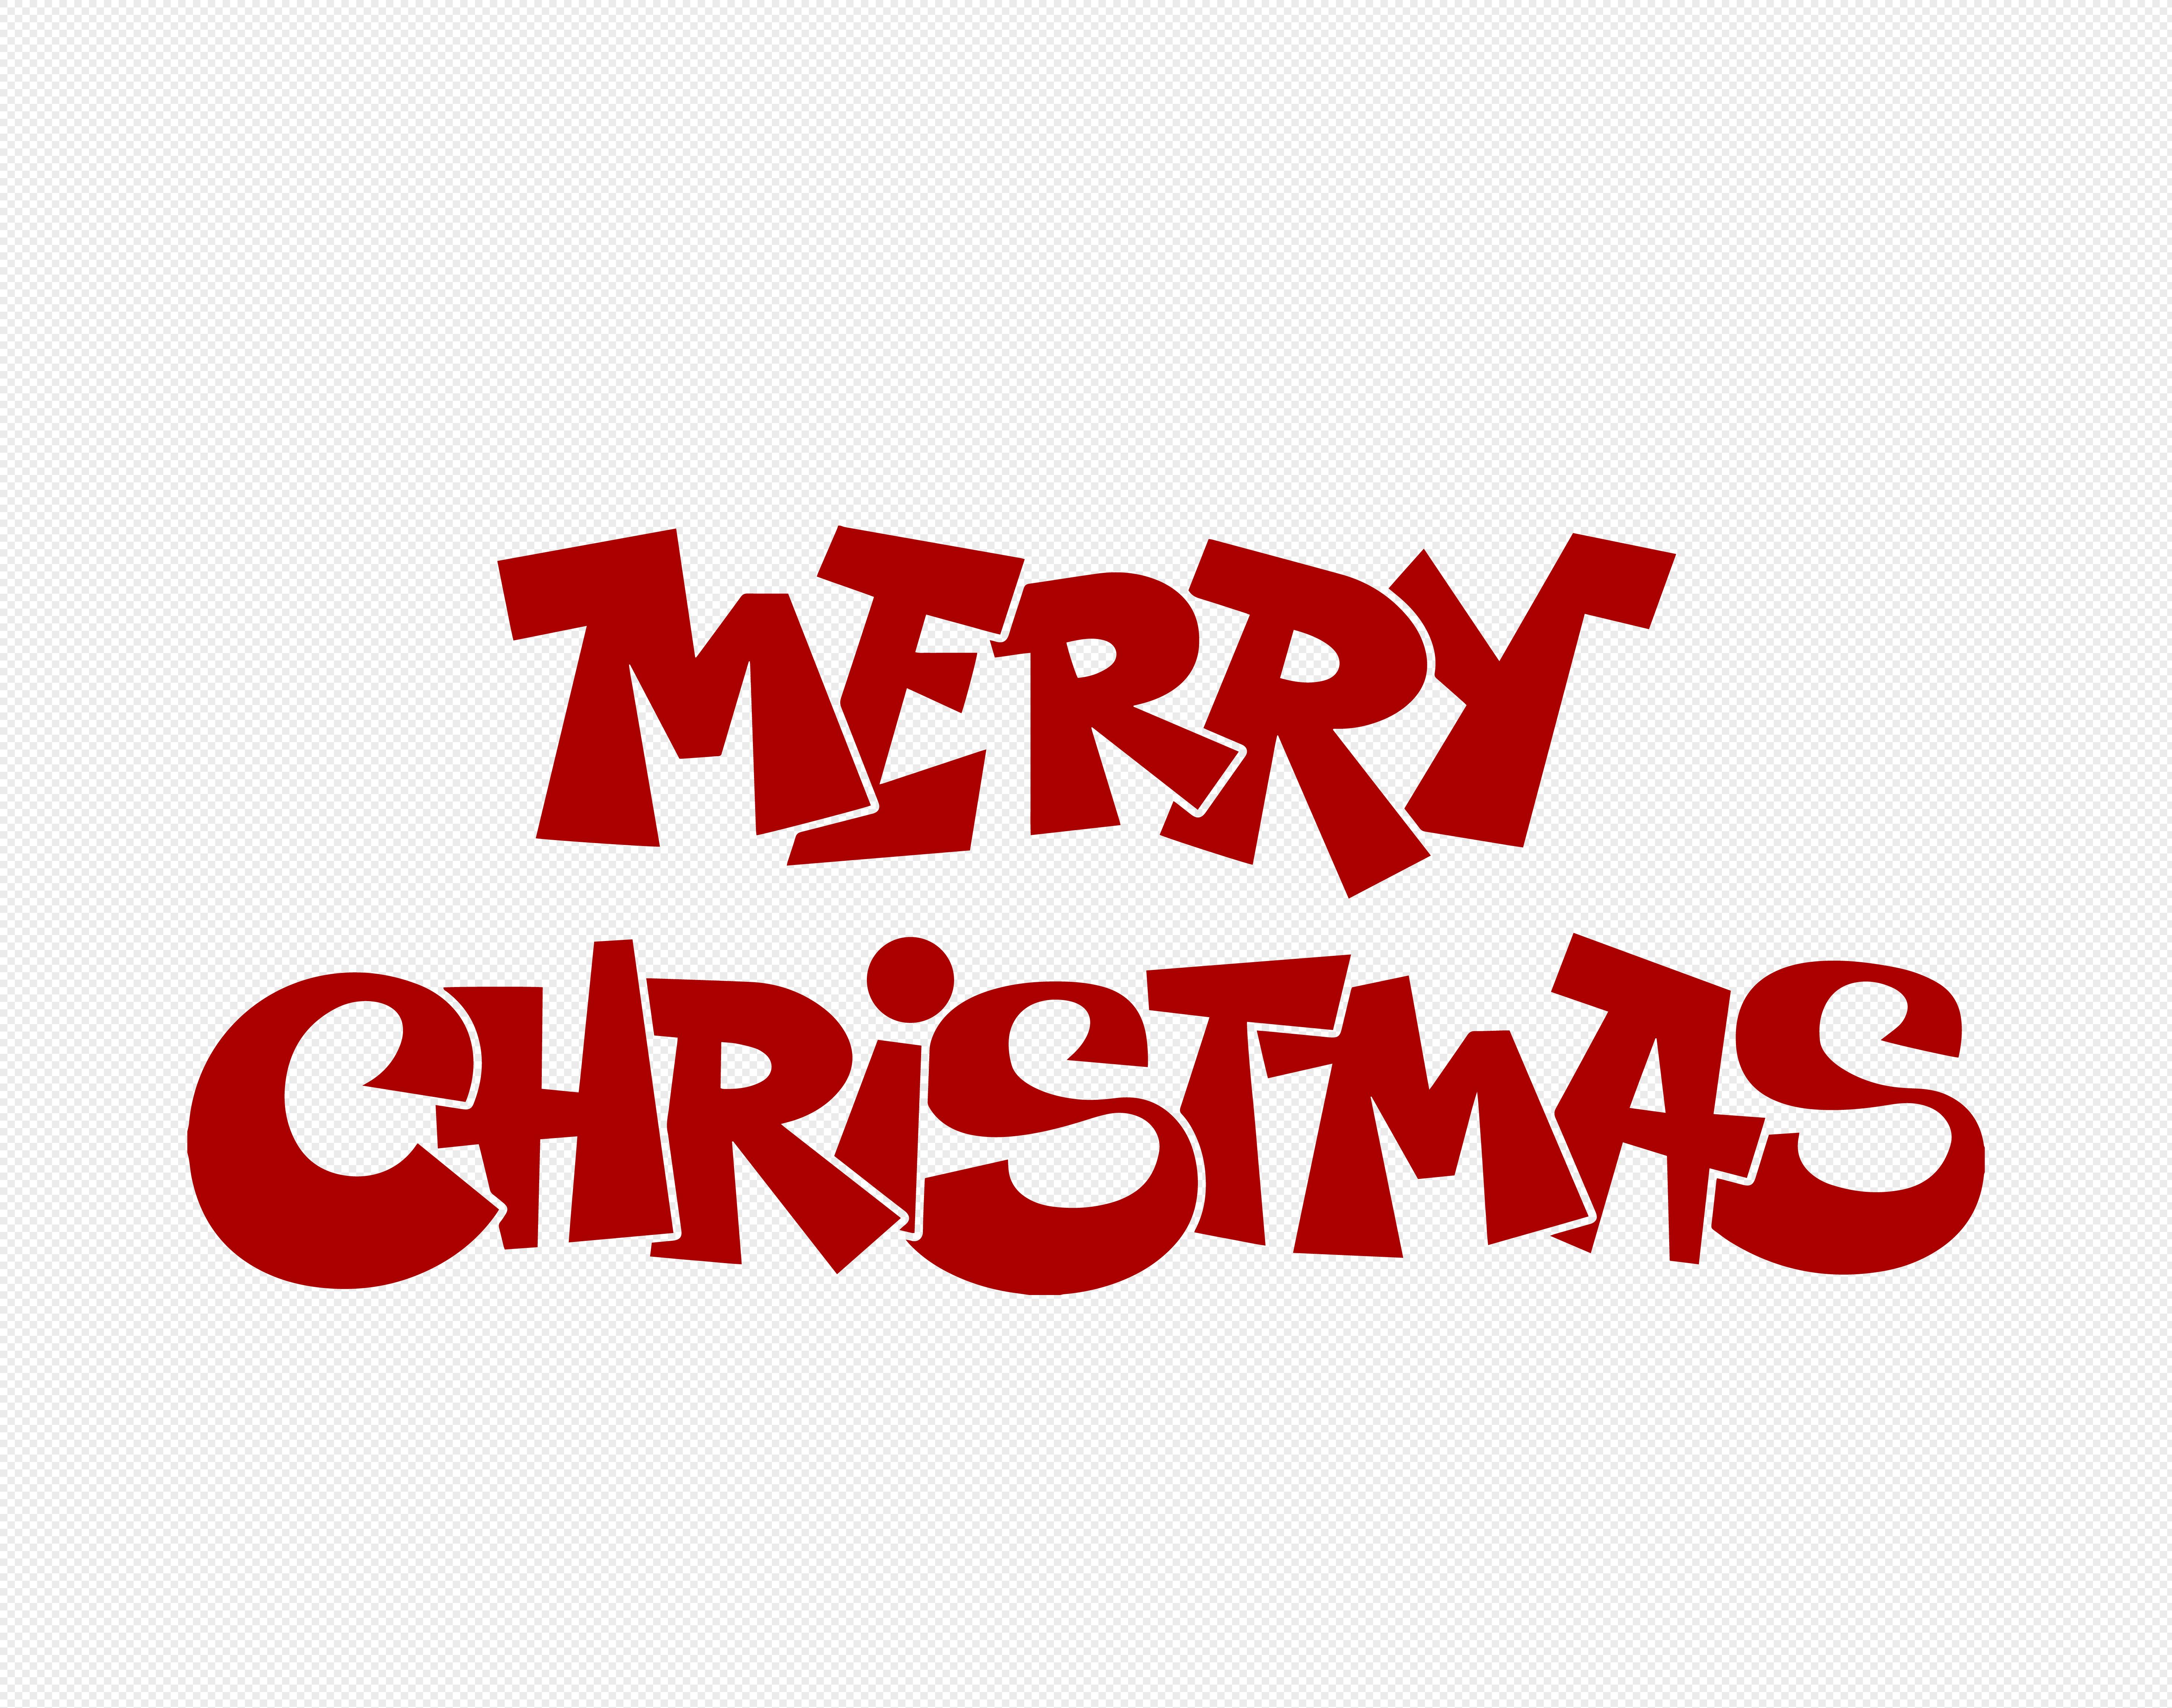 圣诞字体素材图片素材_免费下载_图片格式_vrf高清_摄